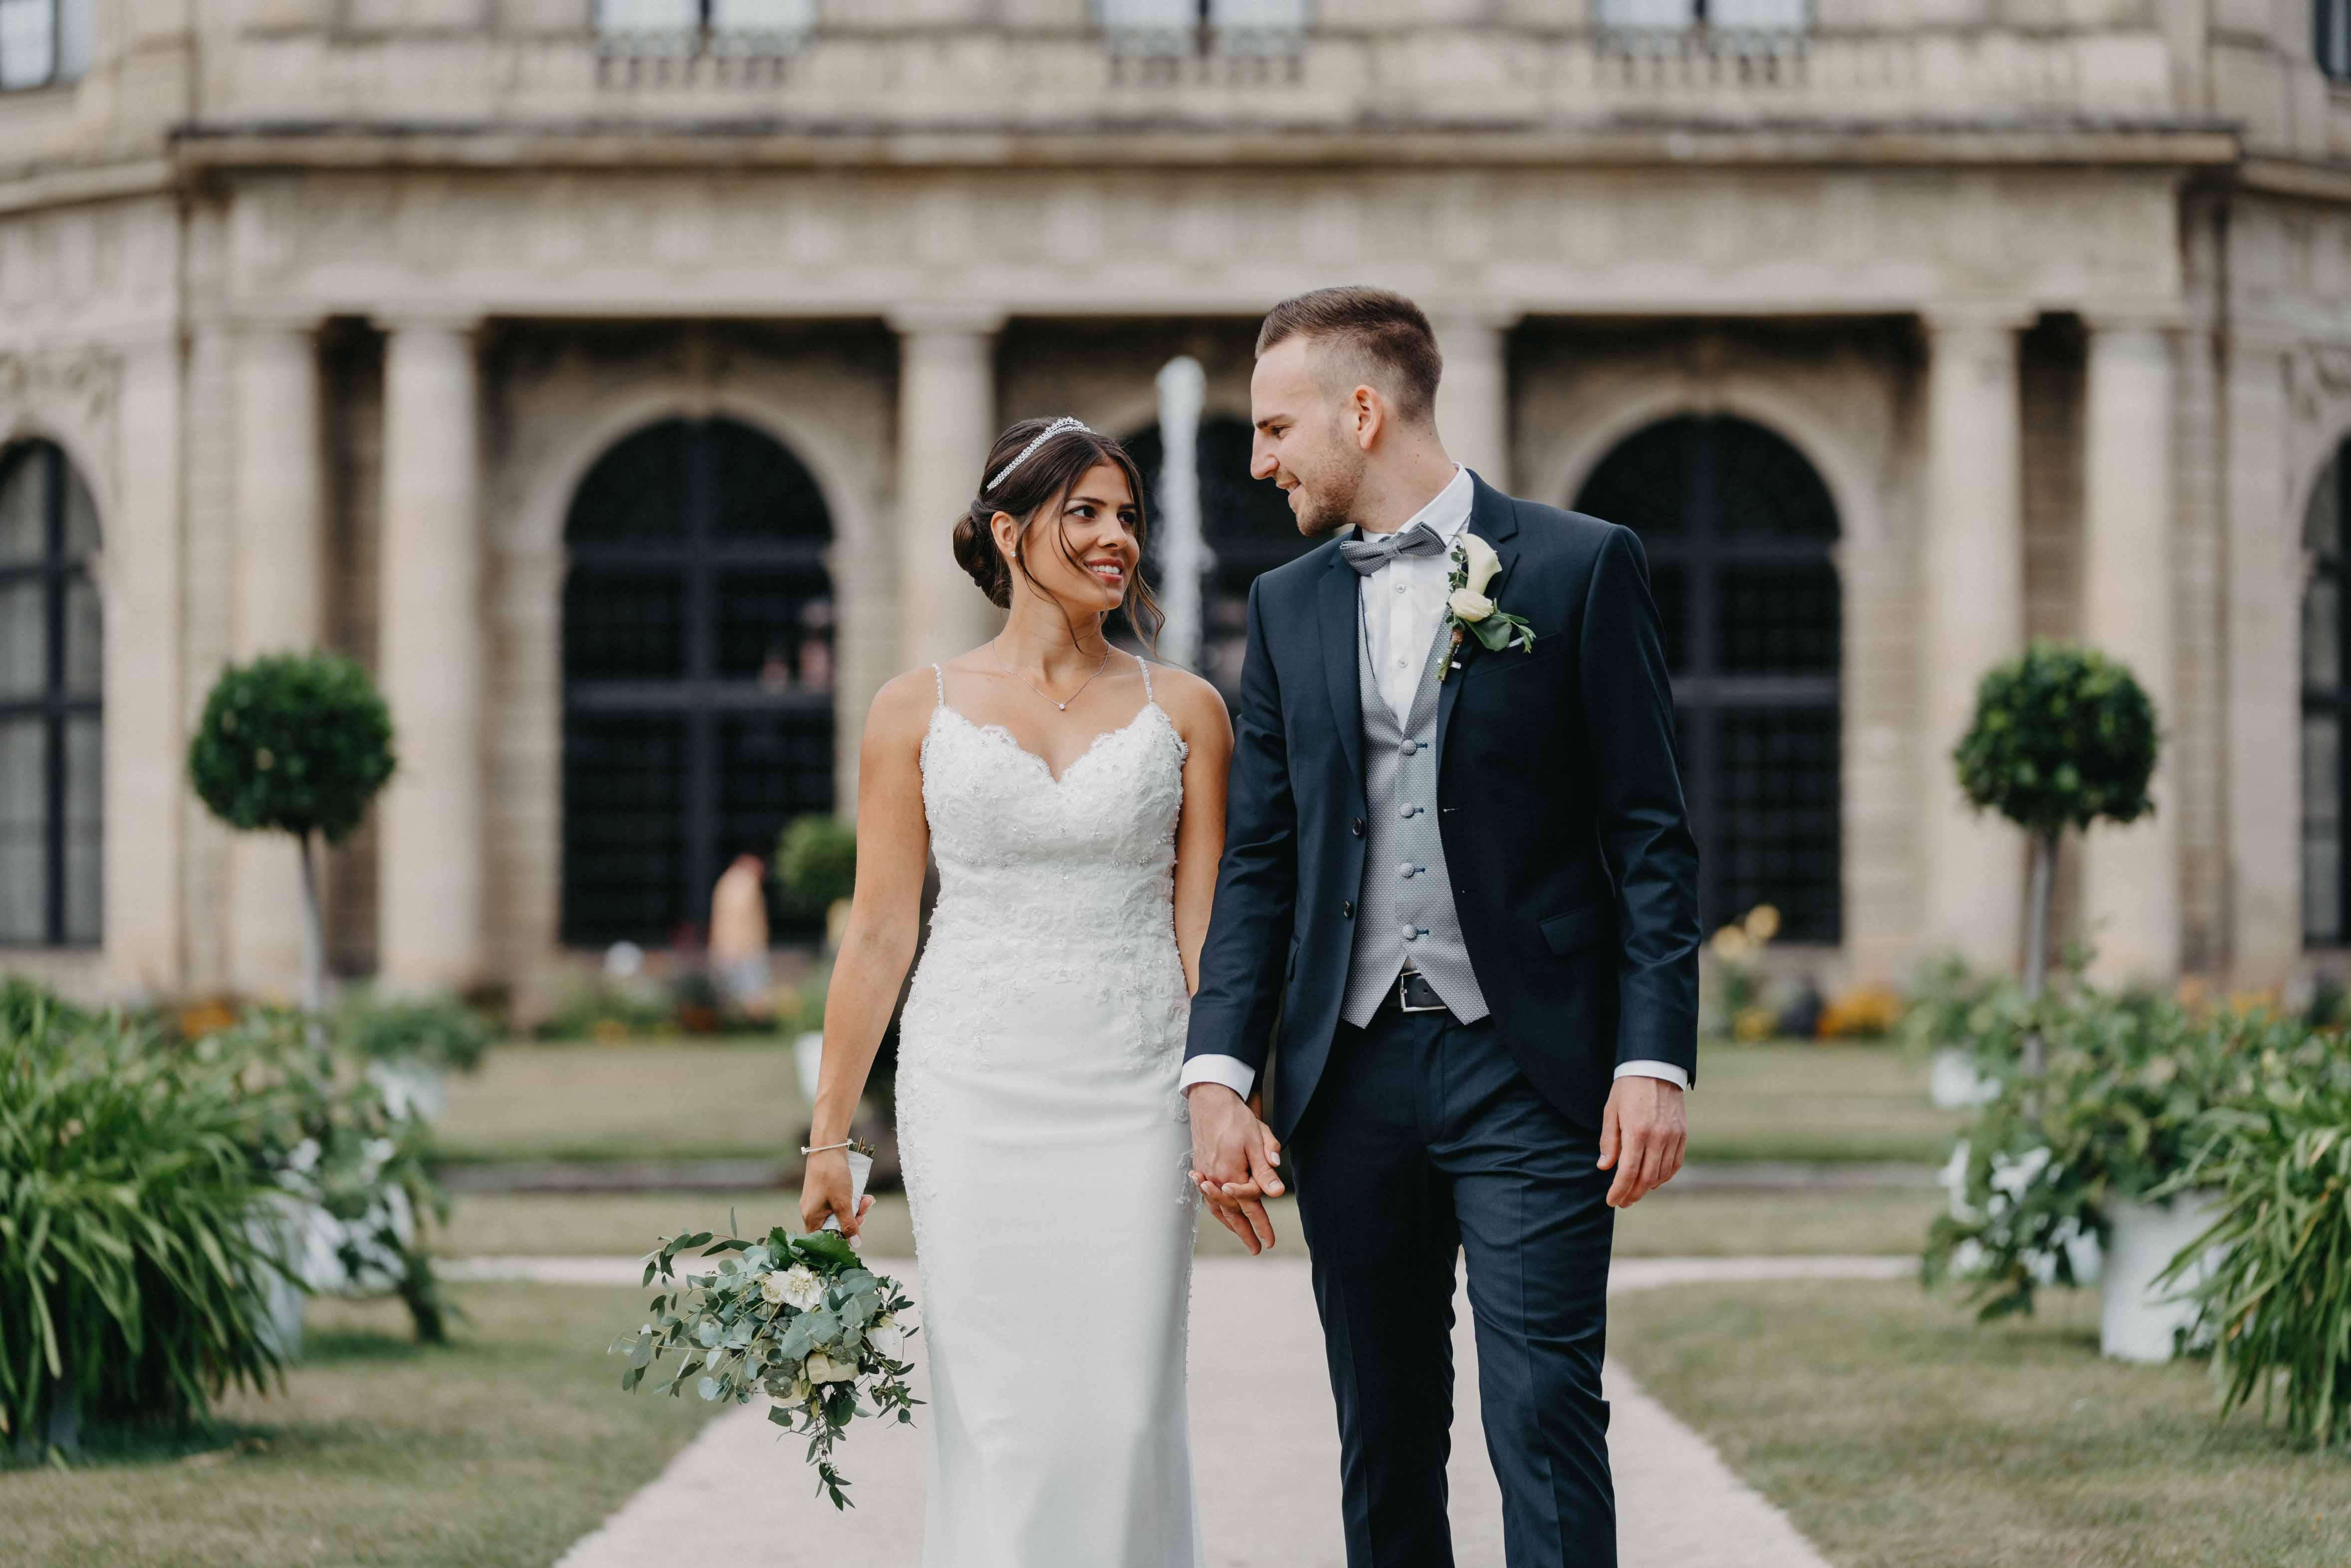 Das Brautpaar läuft zusammen im Garten.